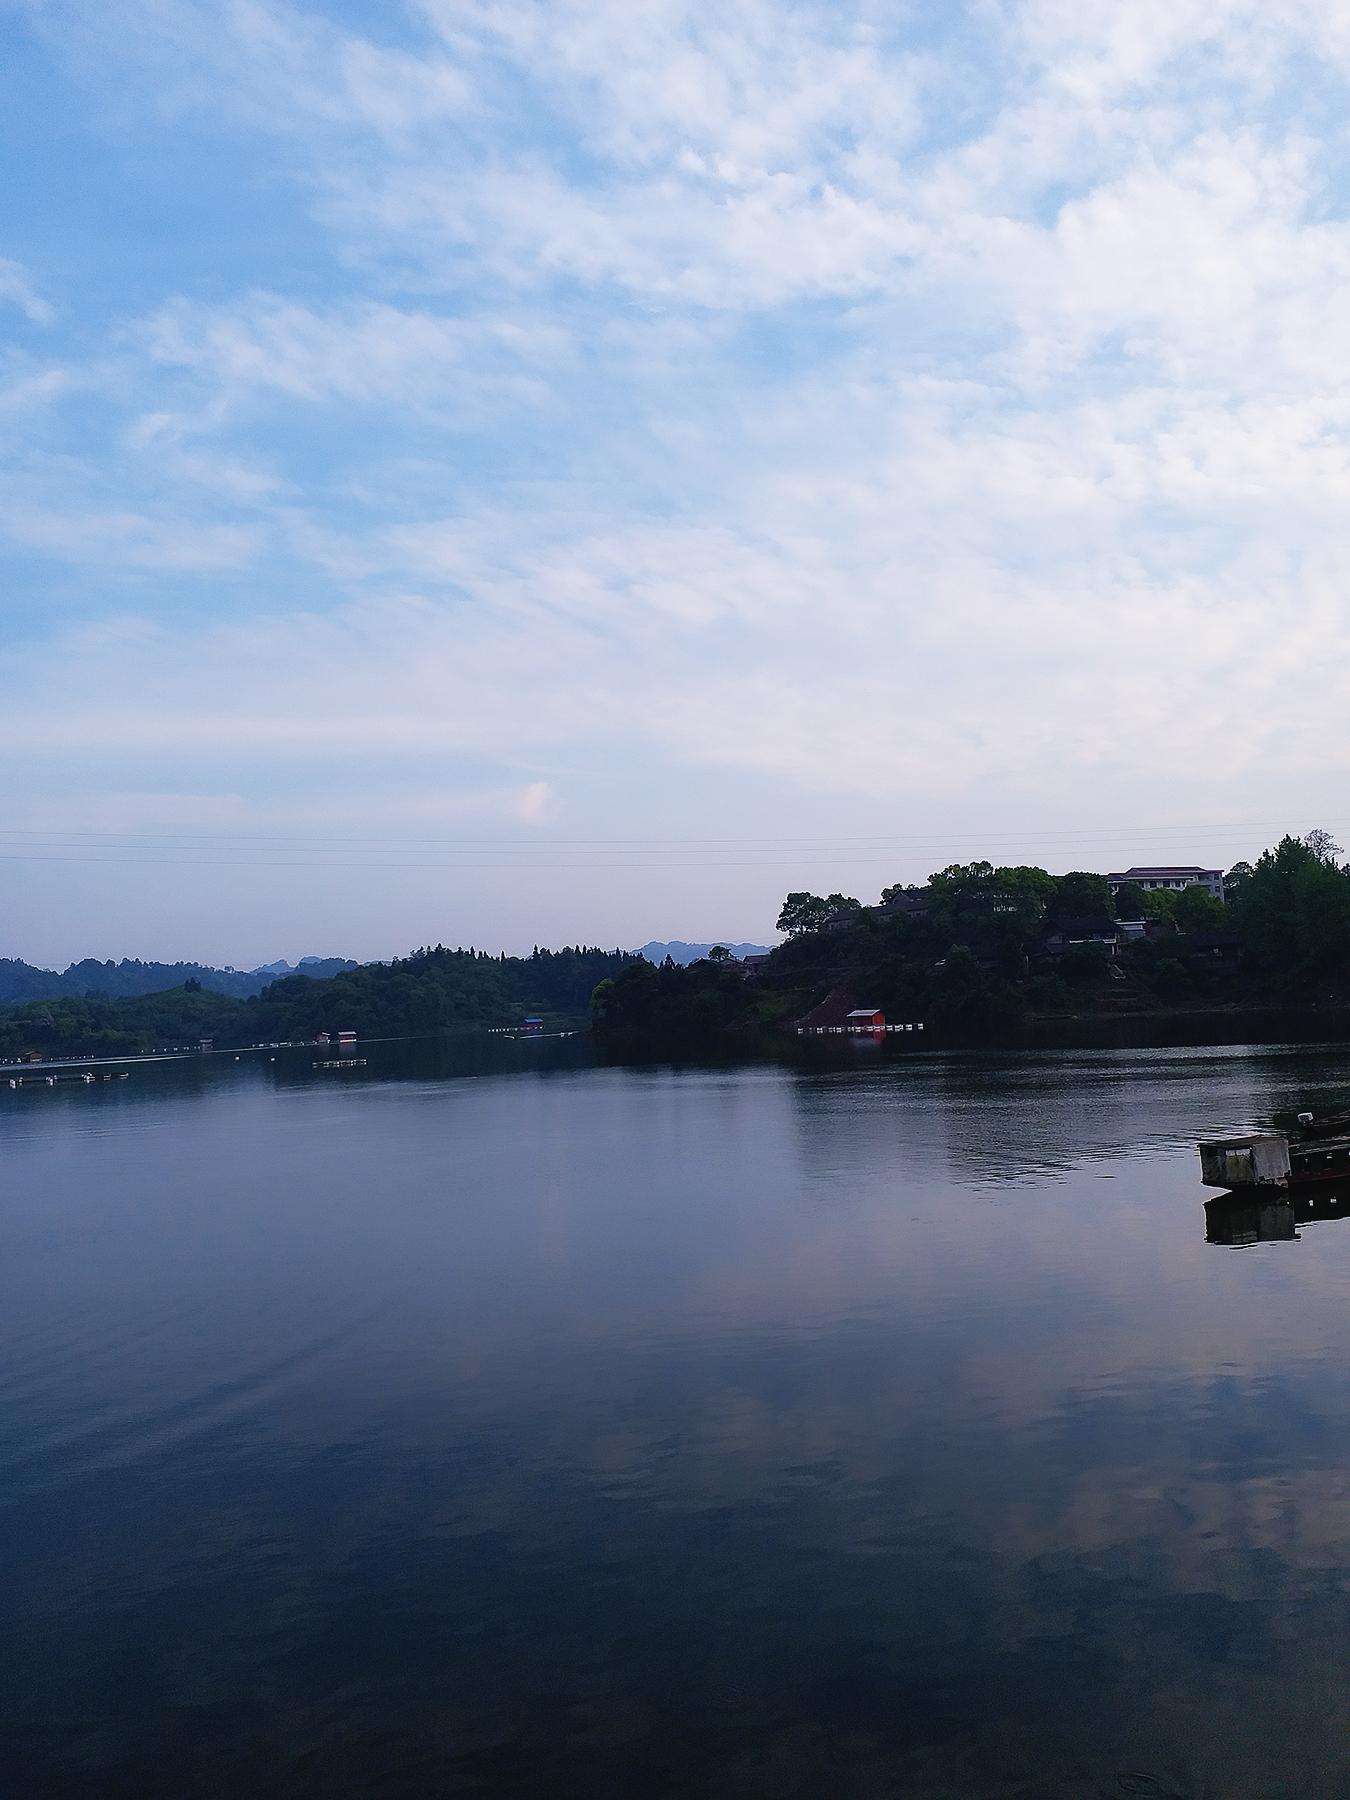 File:Yuan River in Yuanling County of Huaihua, Hunan ...